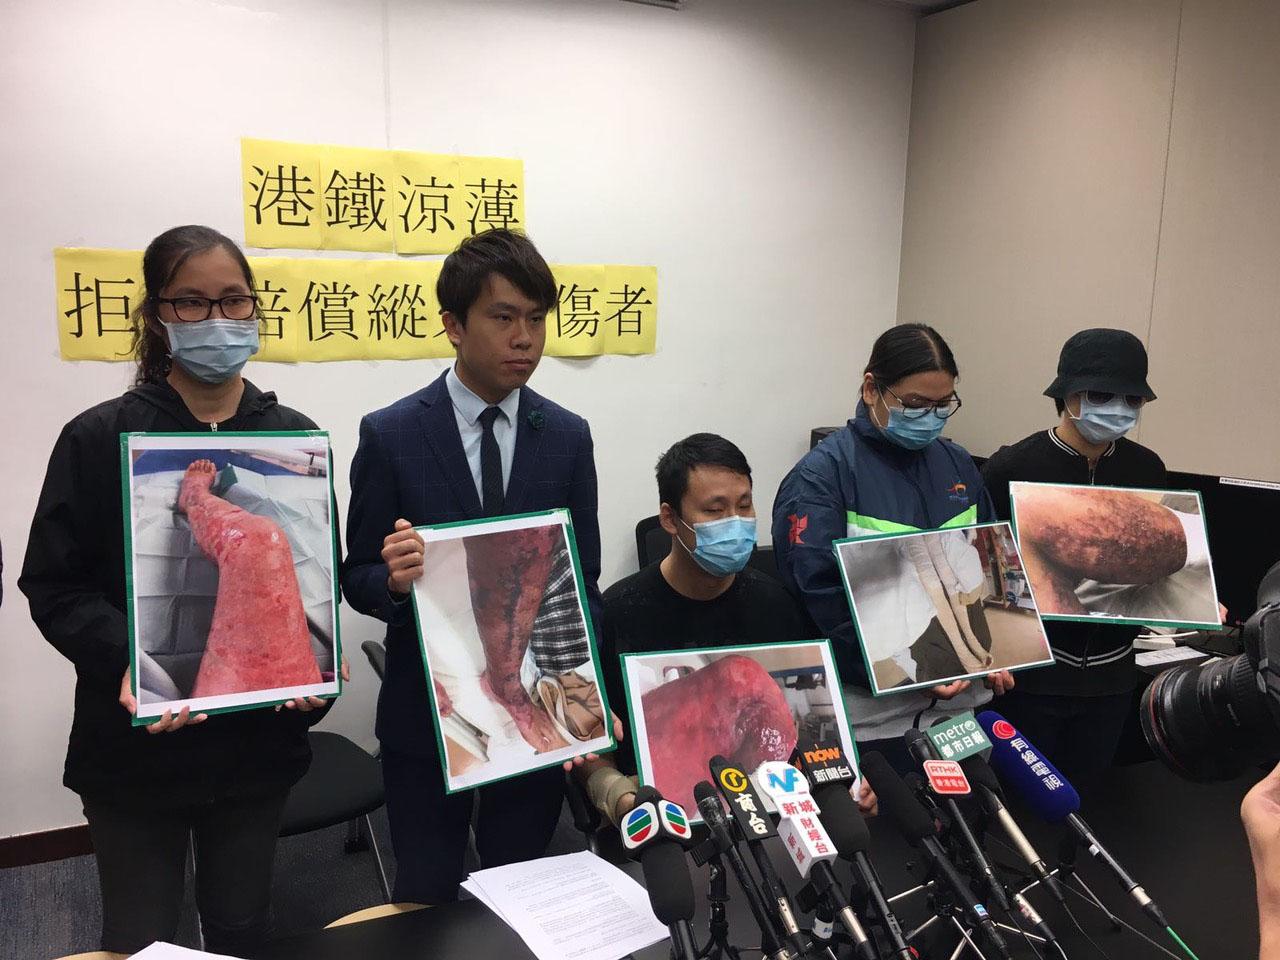 立法會議員鄺俊宇(左二)陪同部份港鐵縱火案傷者和家屬見傳媒。鄺俊宇認為,政府有責任向港鐵施壓,及檢討涉及港鐵意外的賠償機制。(民主黨提供)